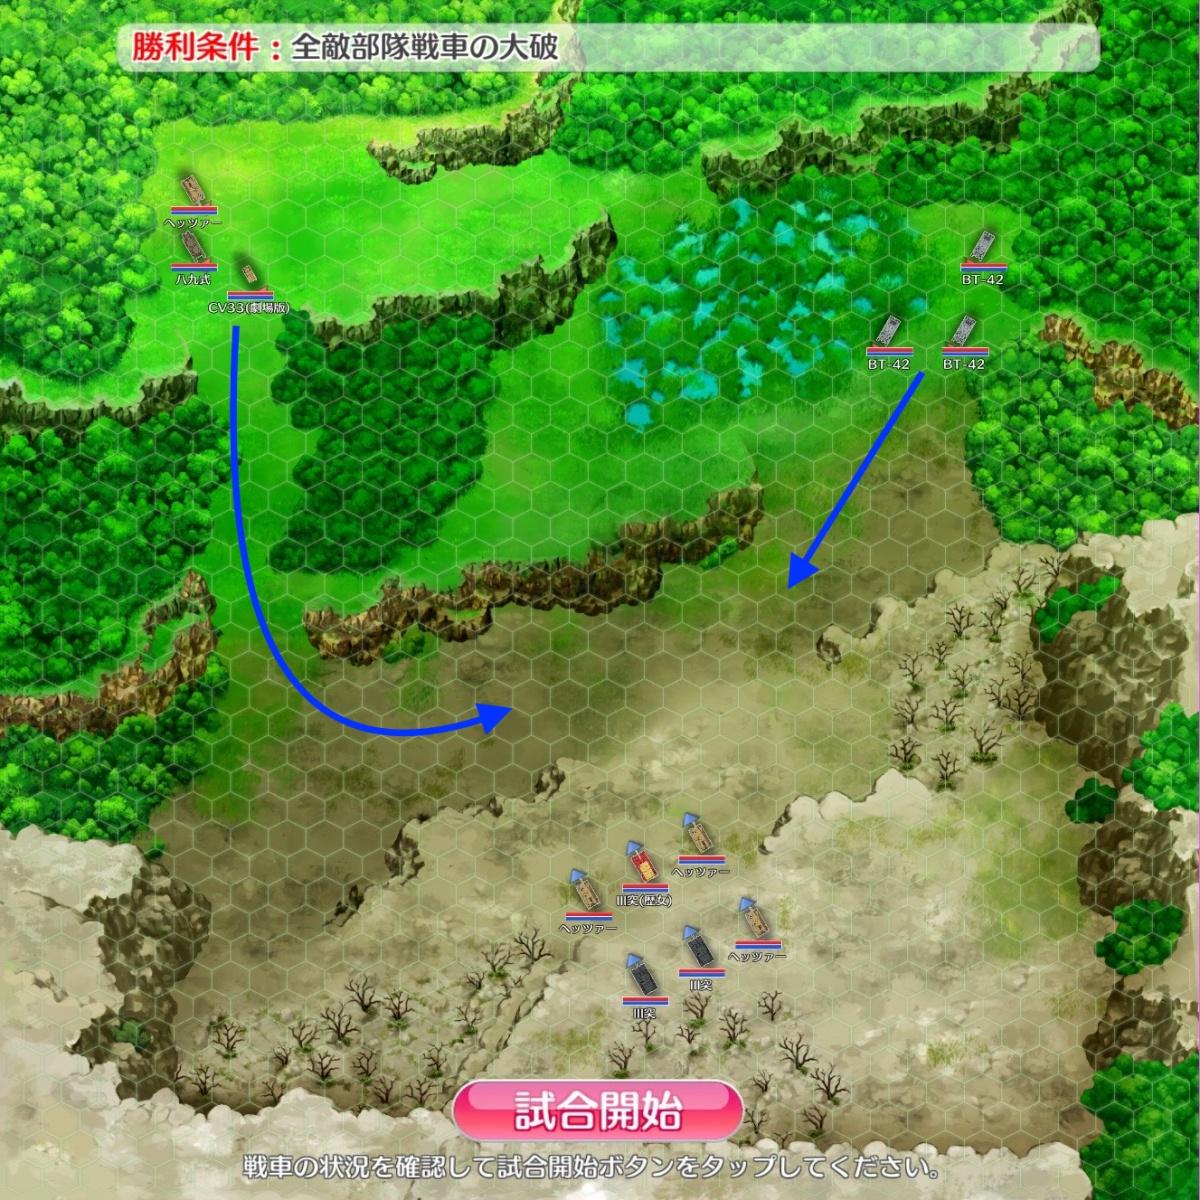 アキト大演習 マップ